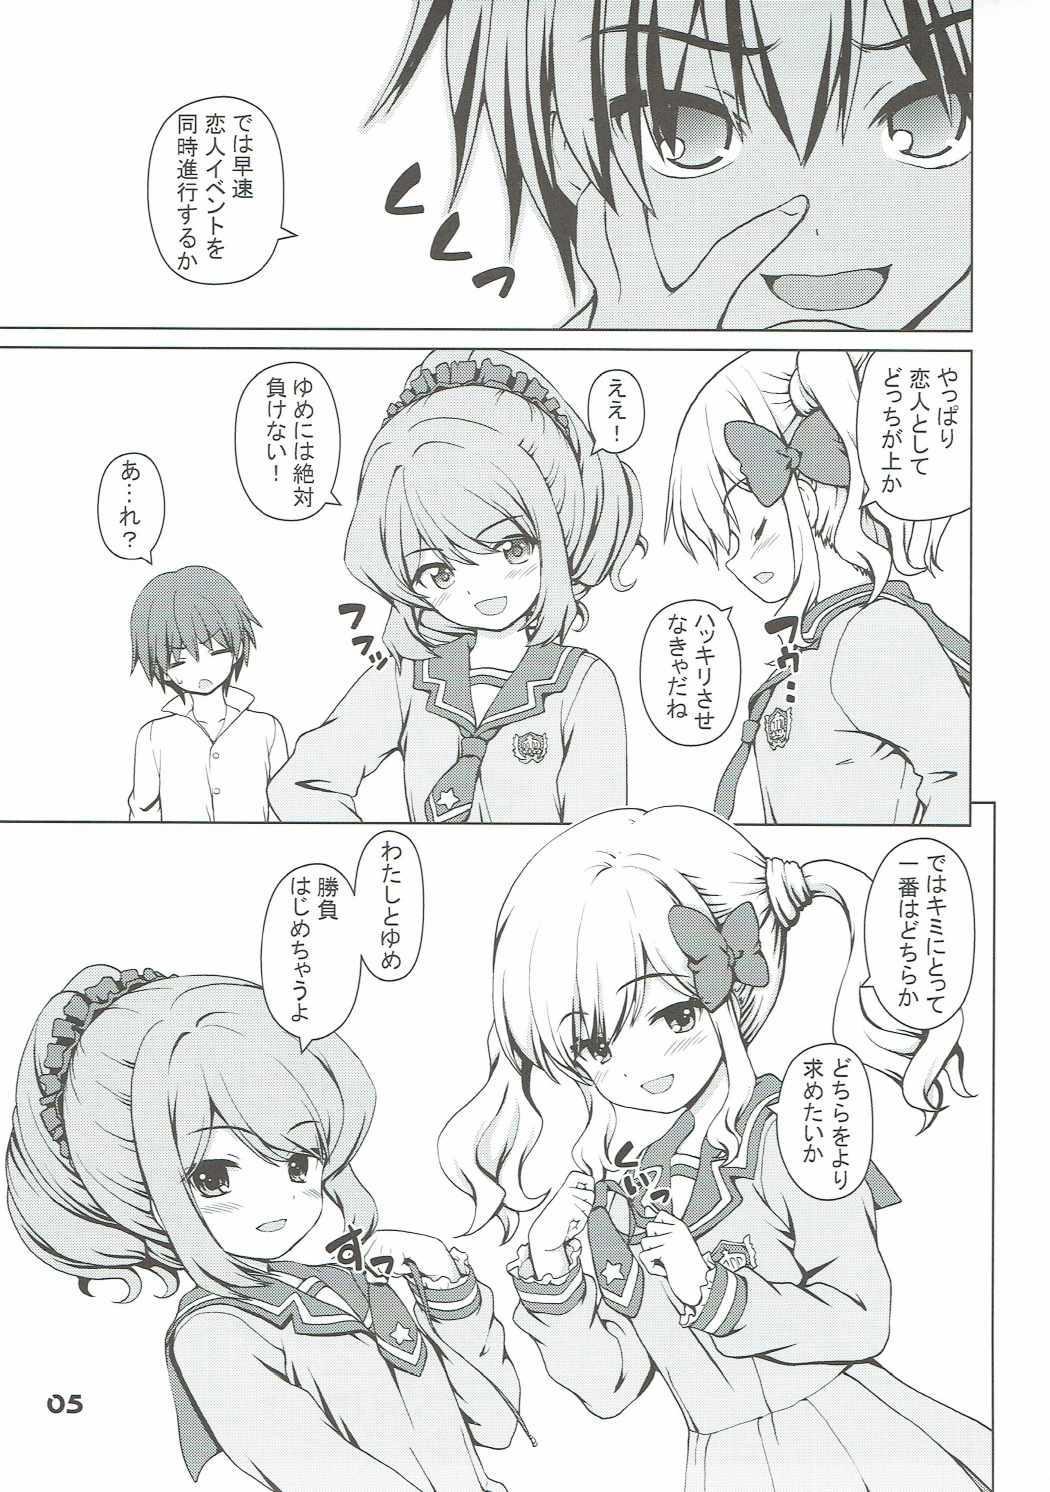 Sentakushi wa 1-tsu ja Nai! 3